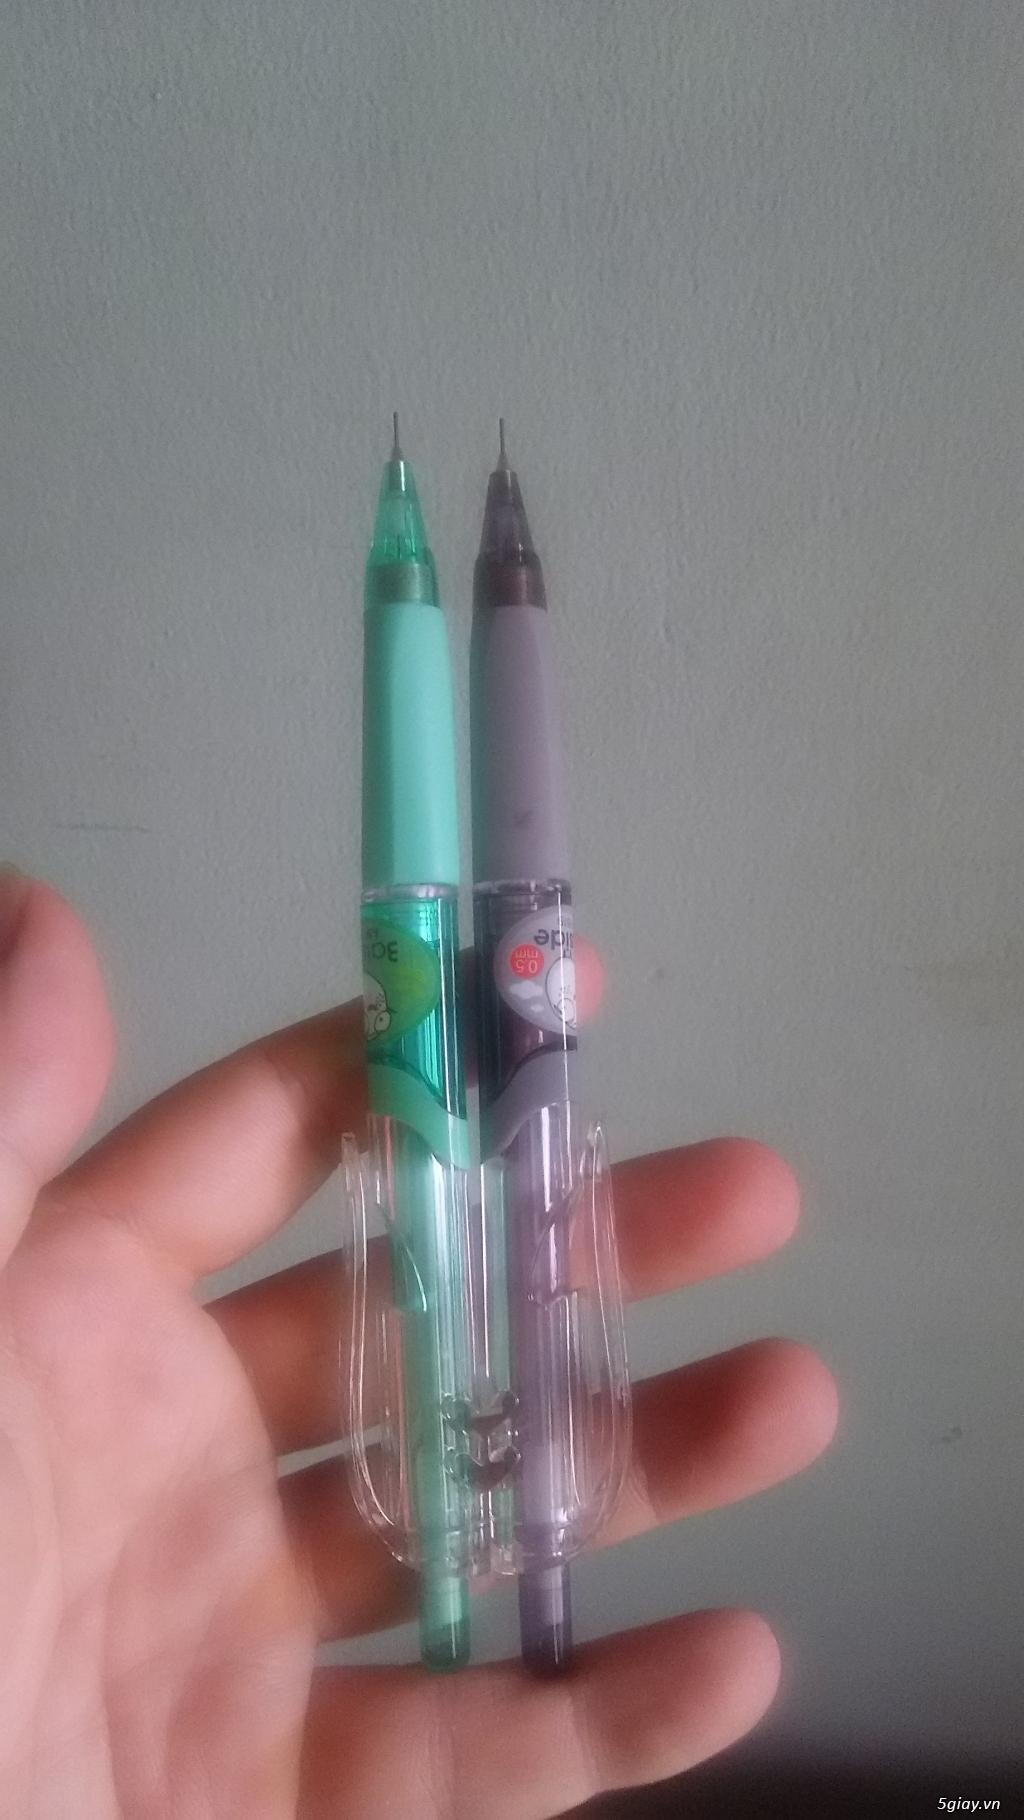 Thanh lý nhanh bút chì bấm - 2